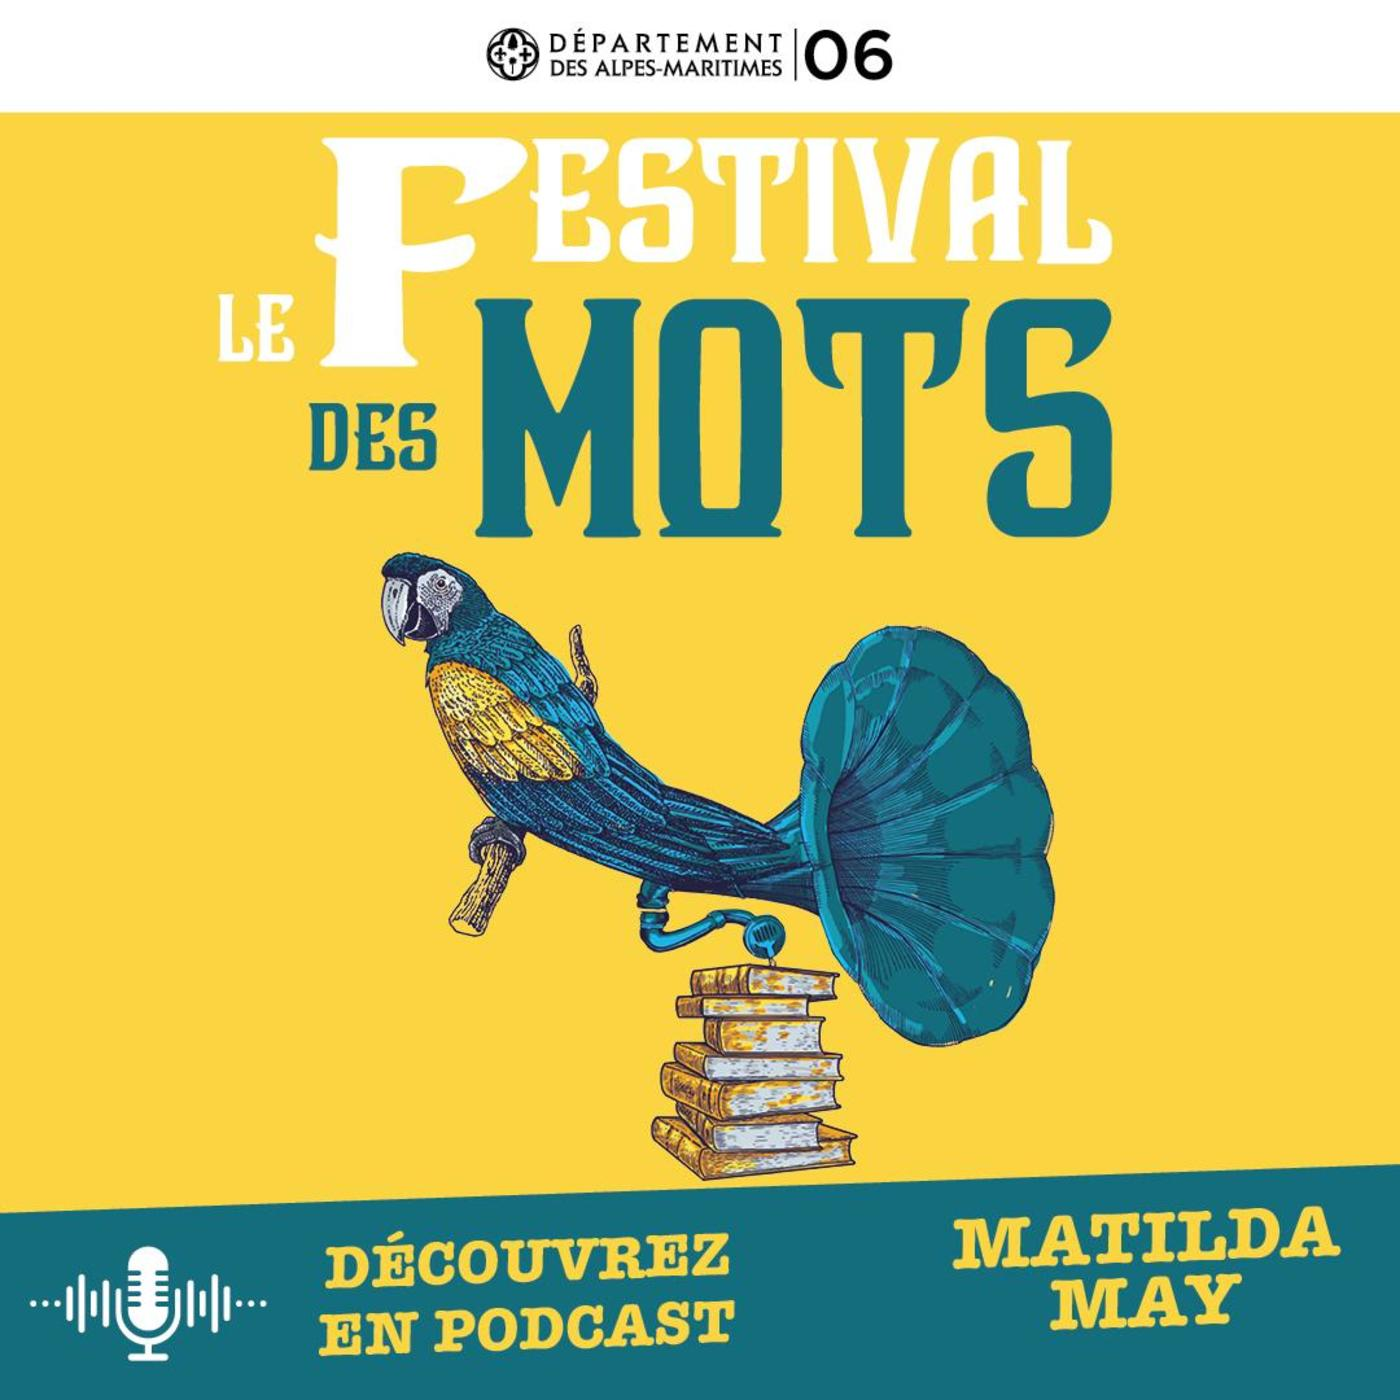 Festival des Mots - Mathilda May